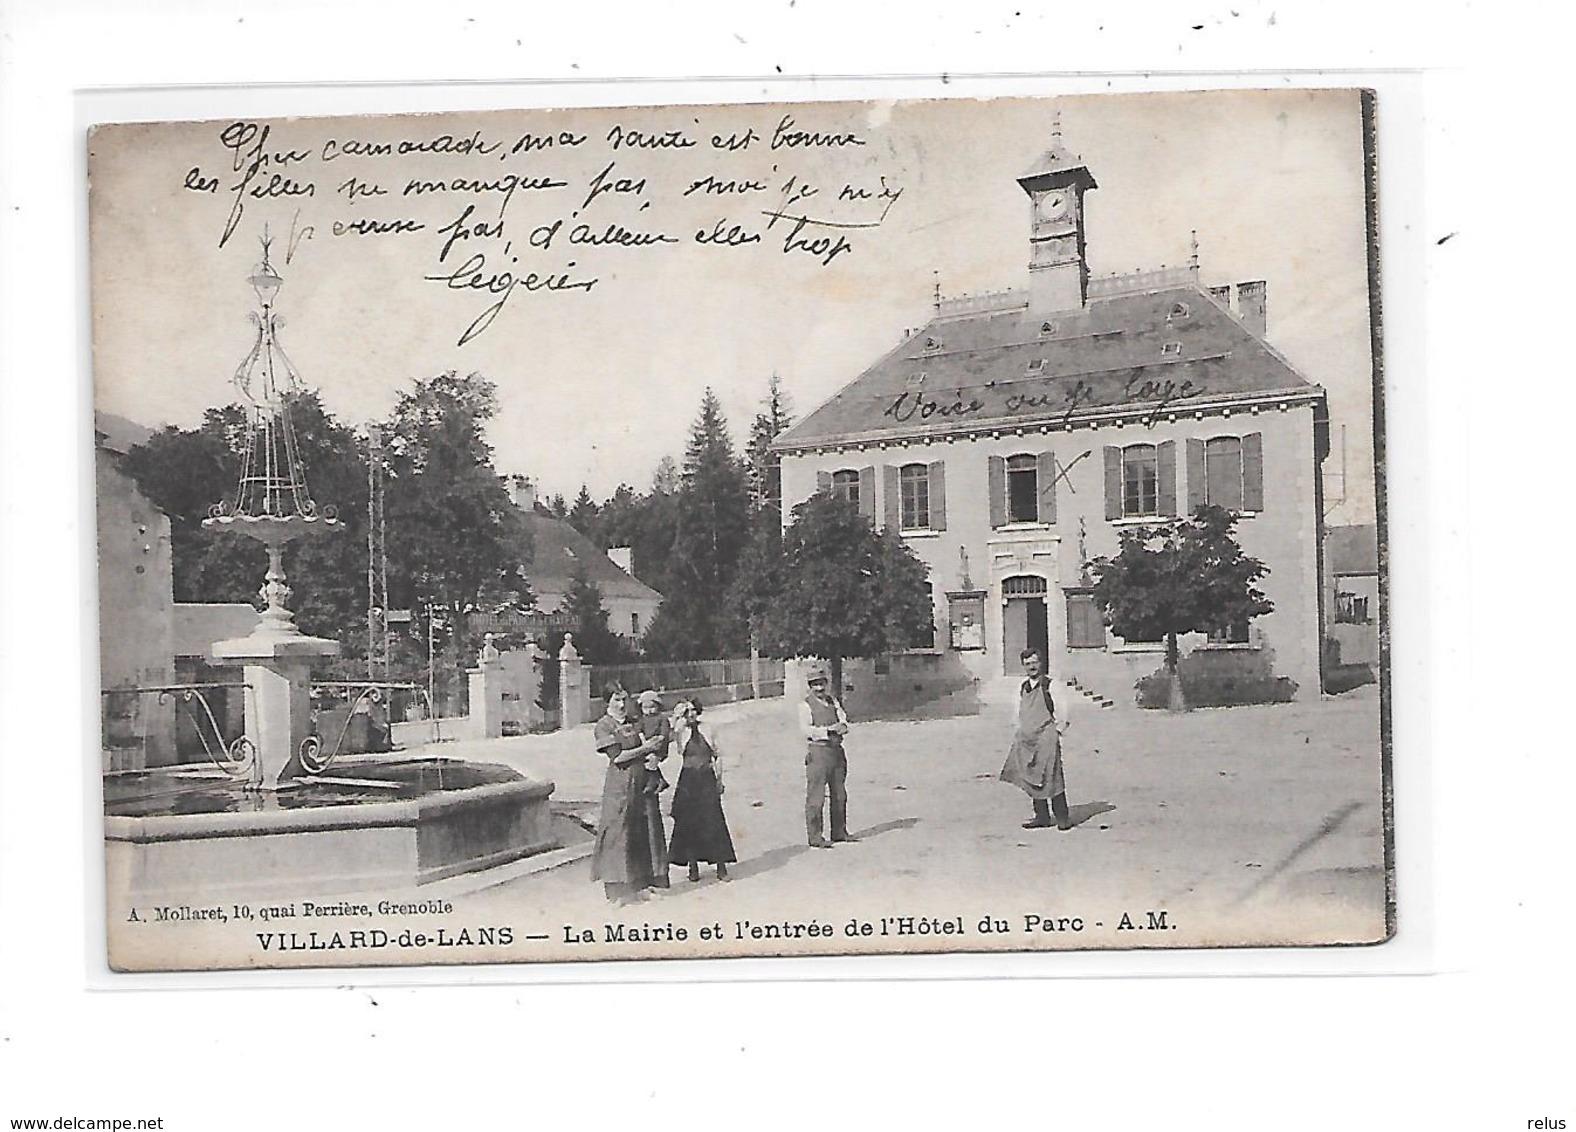 DEP. 38 VILLARD DE LANS LA MAIRIE ET L'ENTREE DE L'HOTEL DU PARC - Villard-de-Lans